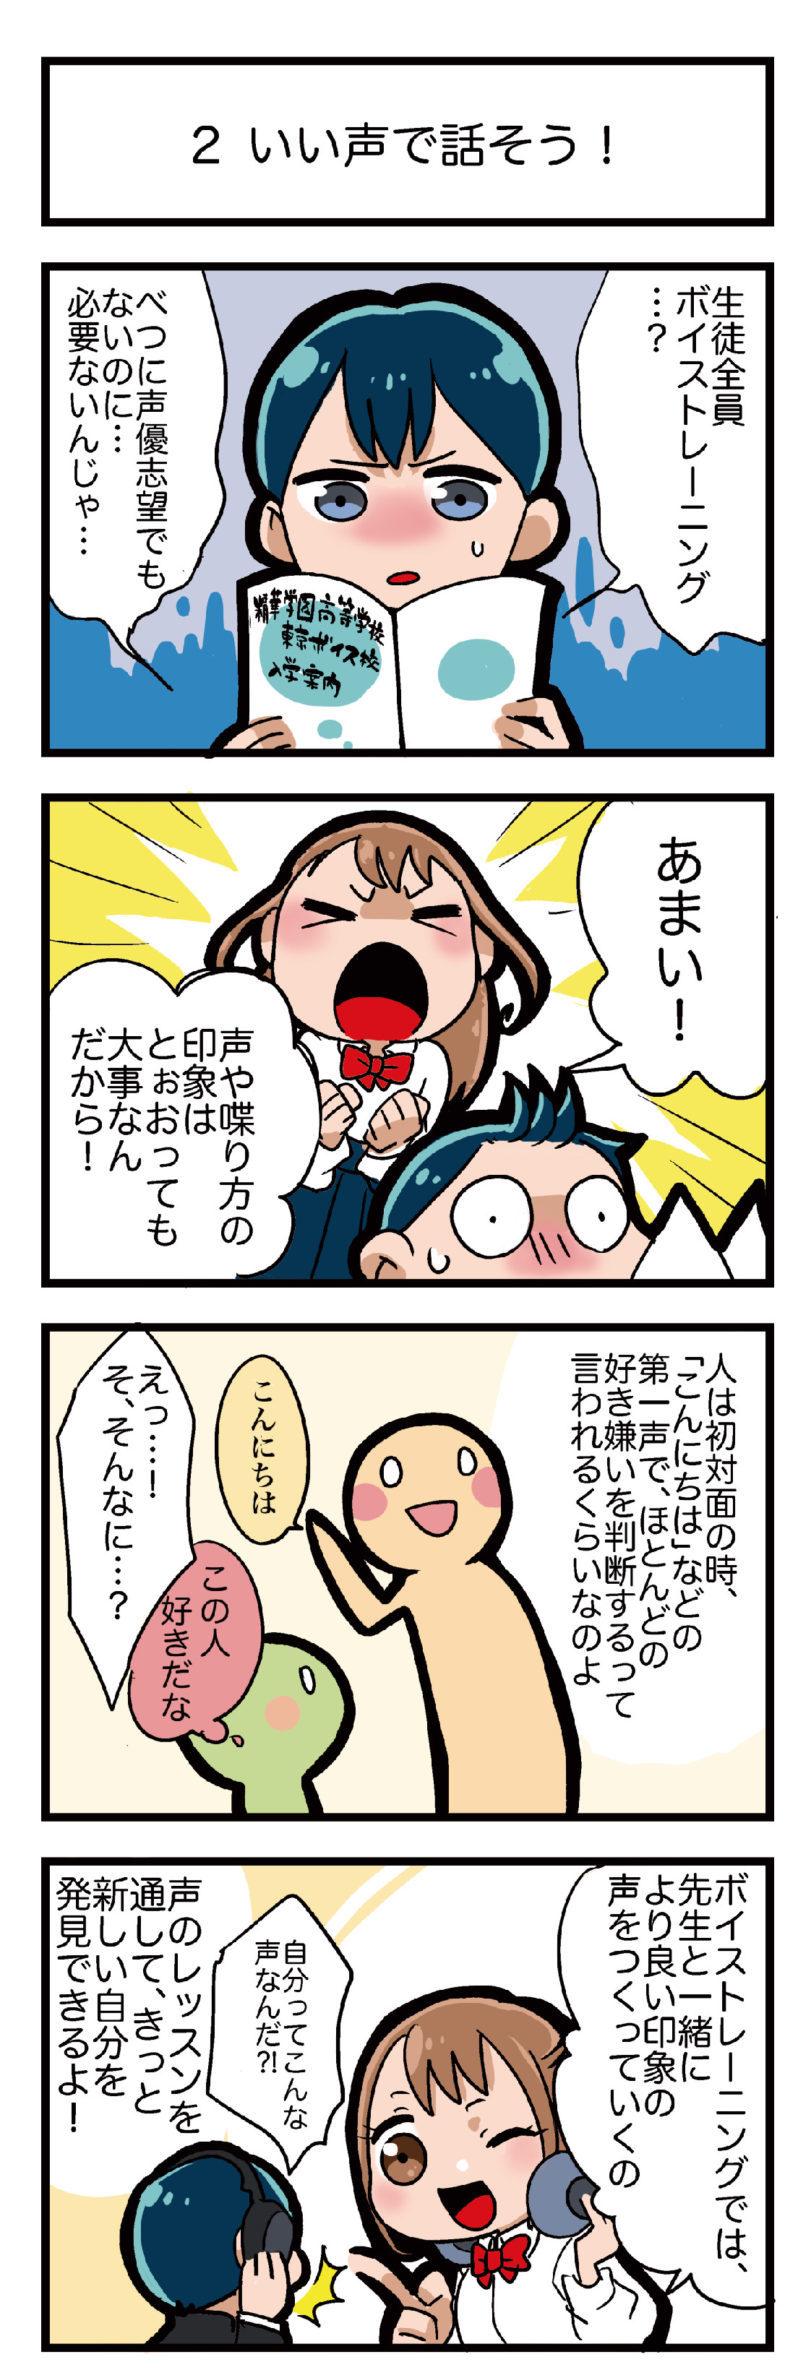 高校で全員ボイトレやって全員いい声になるのは精華学園高校東京ボイス校